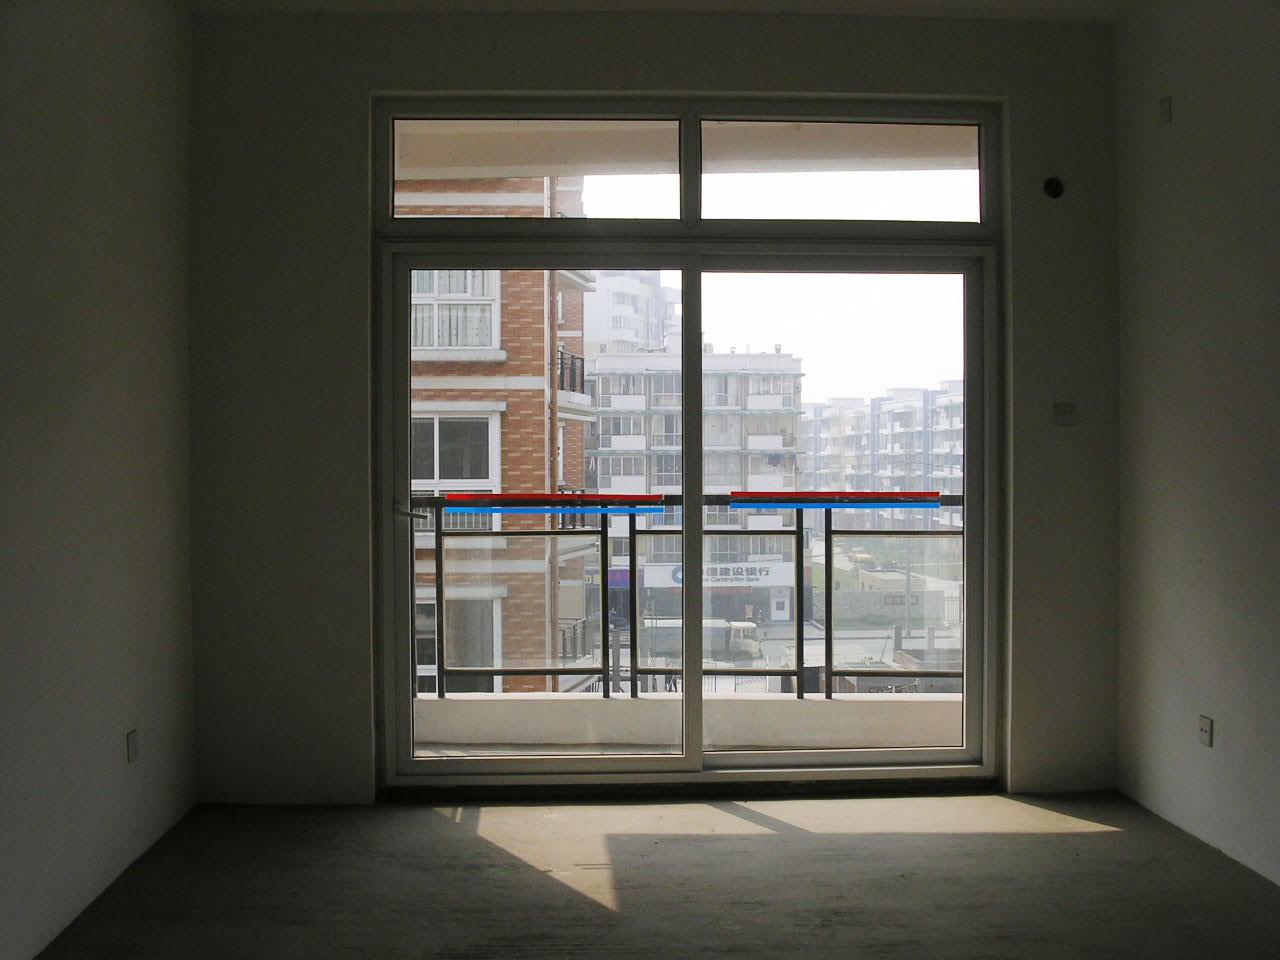 我的客厅,未装修,请指教,身后是主厕,主厕通风窗朝着楼梯间高清图片